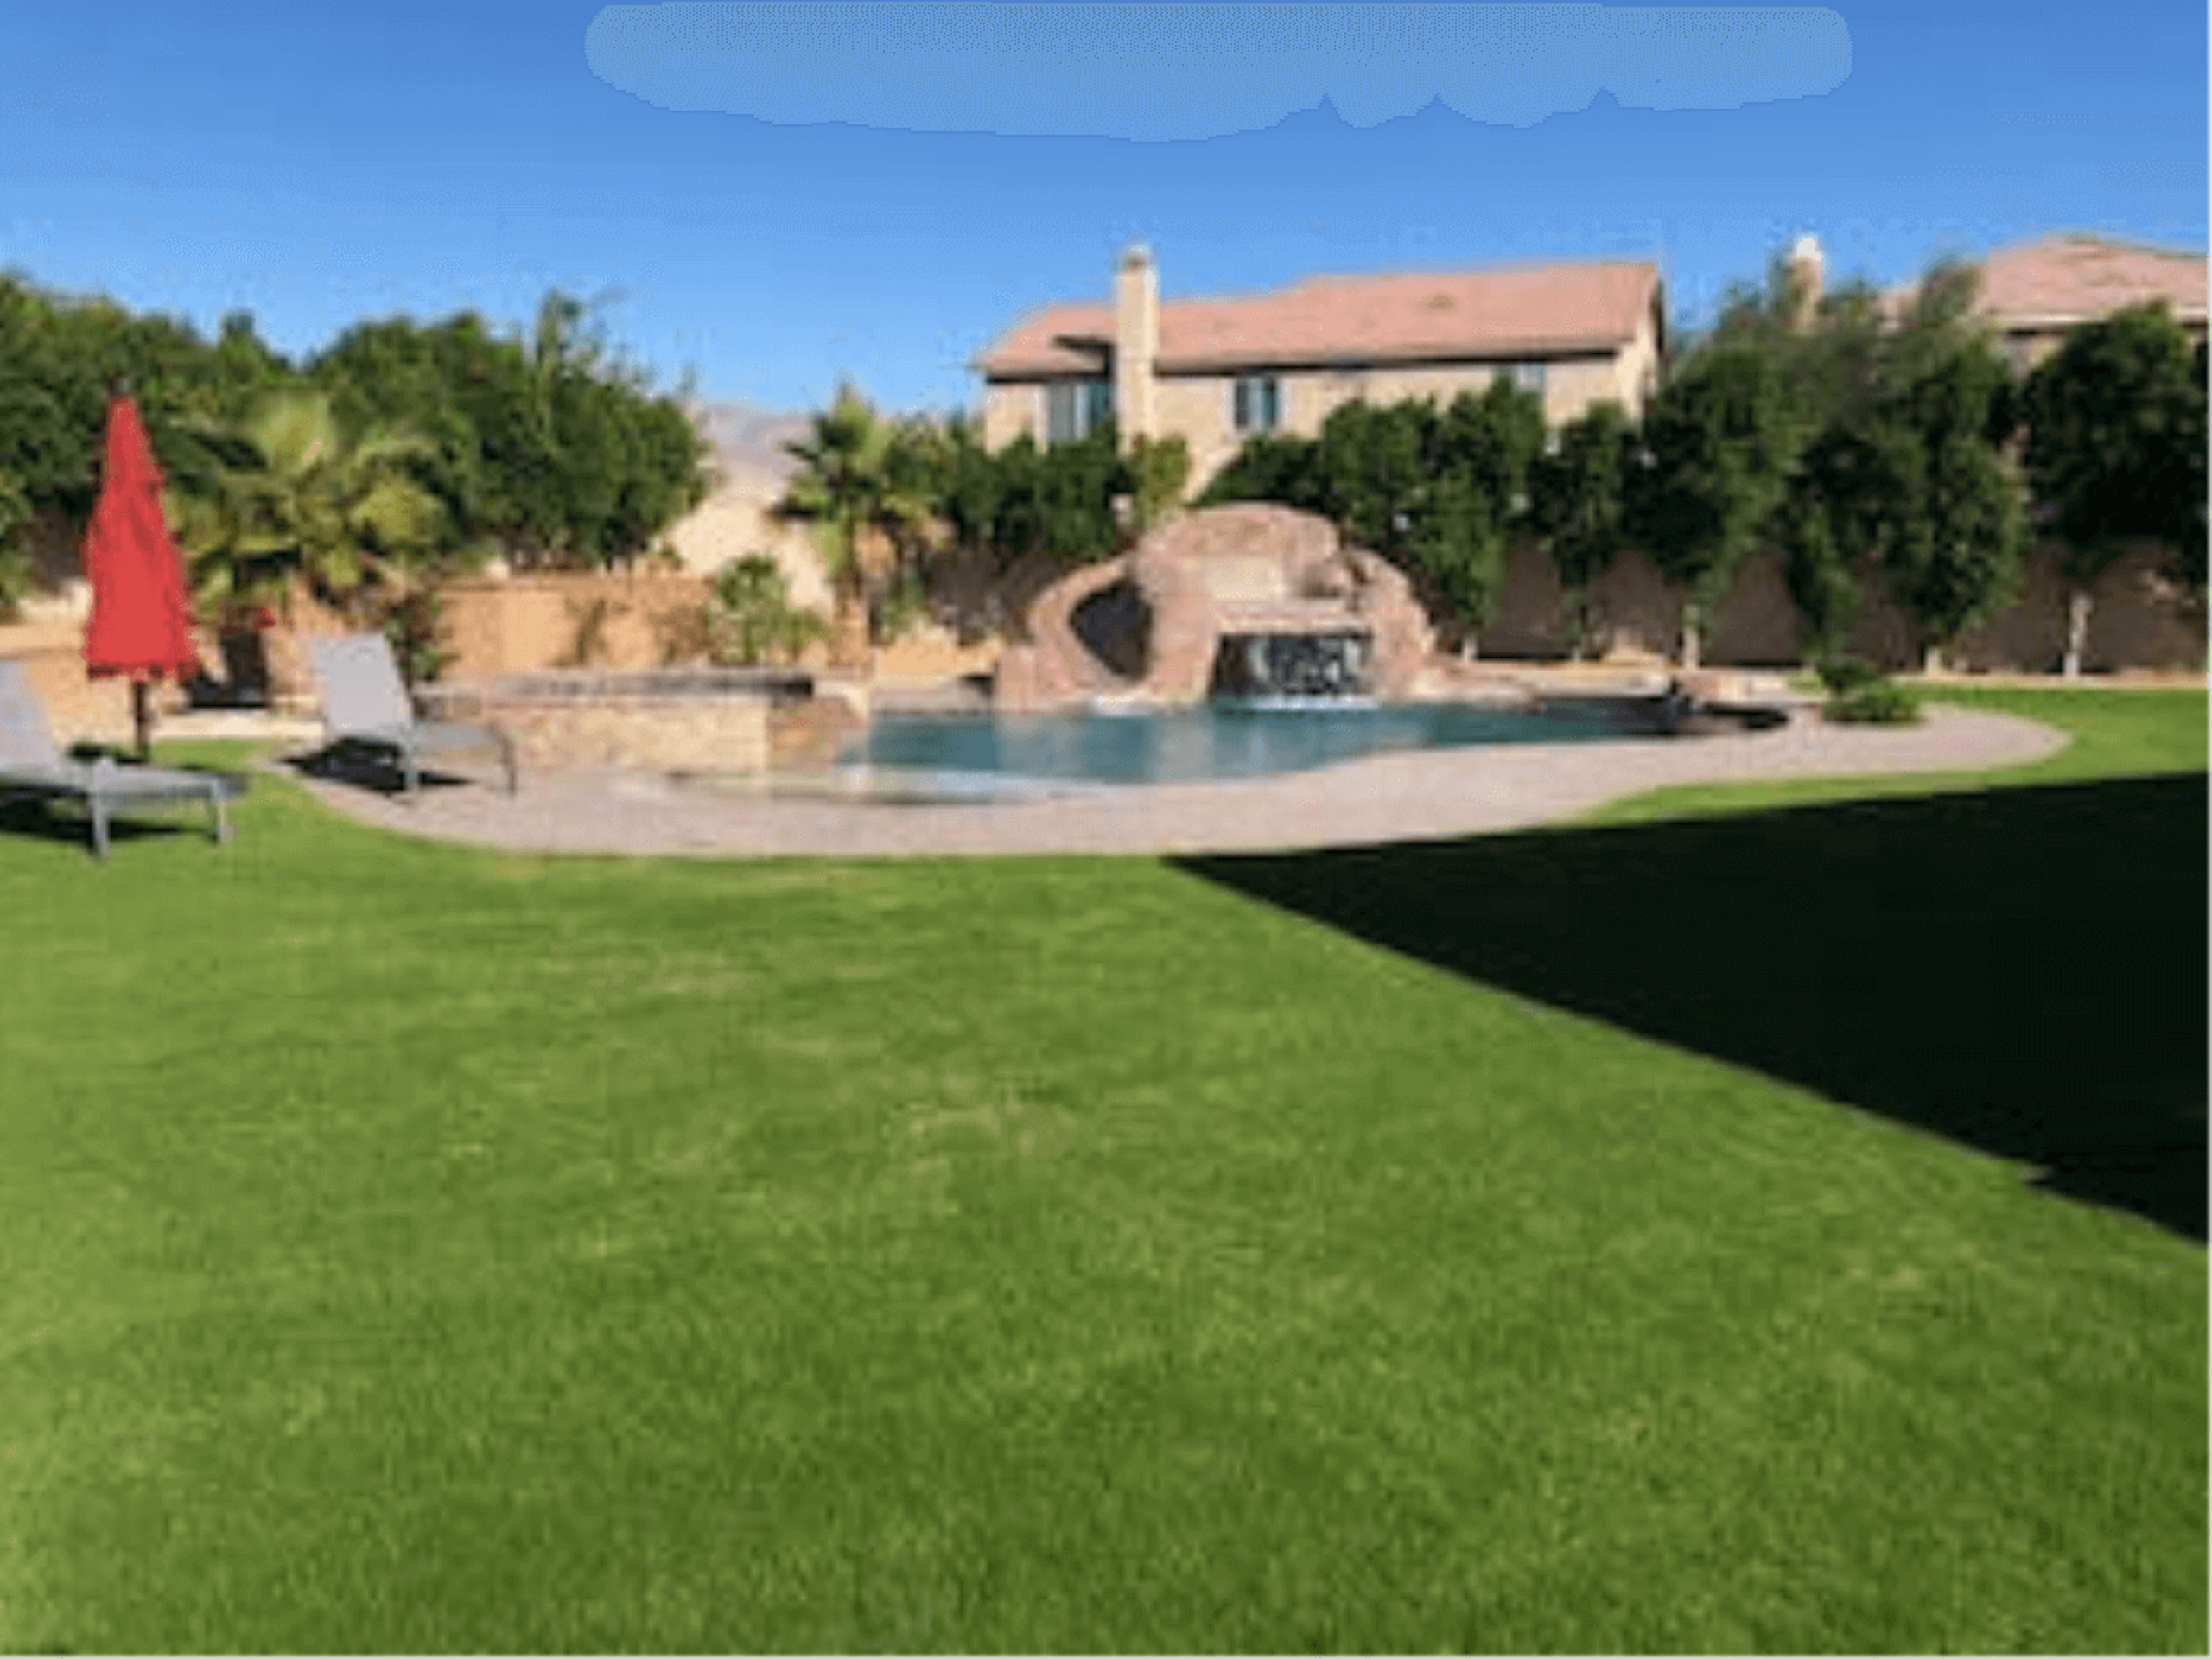 Villa Aliante- luxury villa w/ pool, amp & Lawn photo 20241056